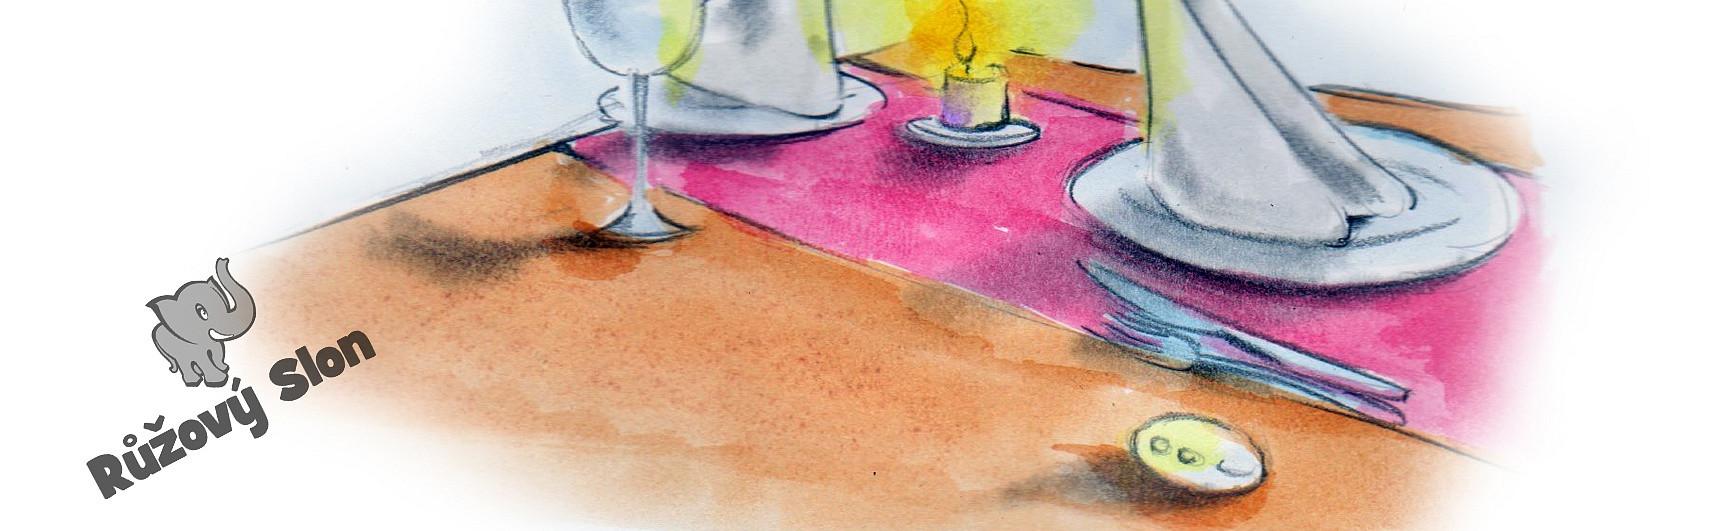 ovladač vibračního vajíčka na stole v restauraci